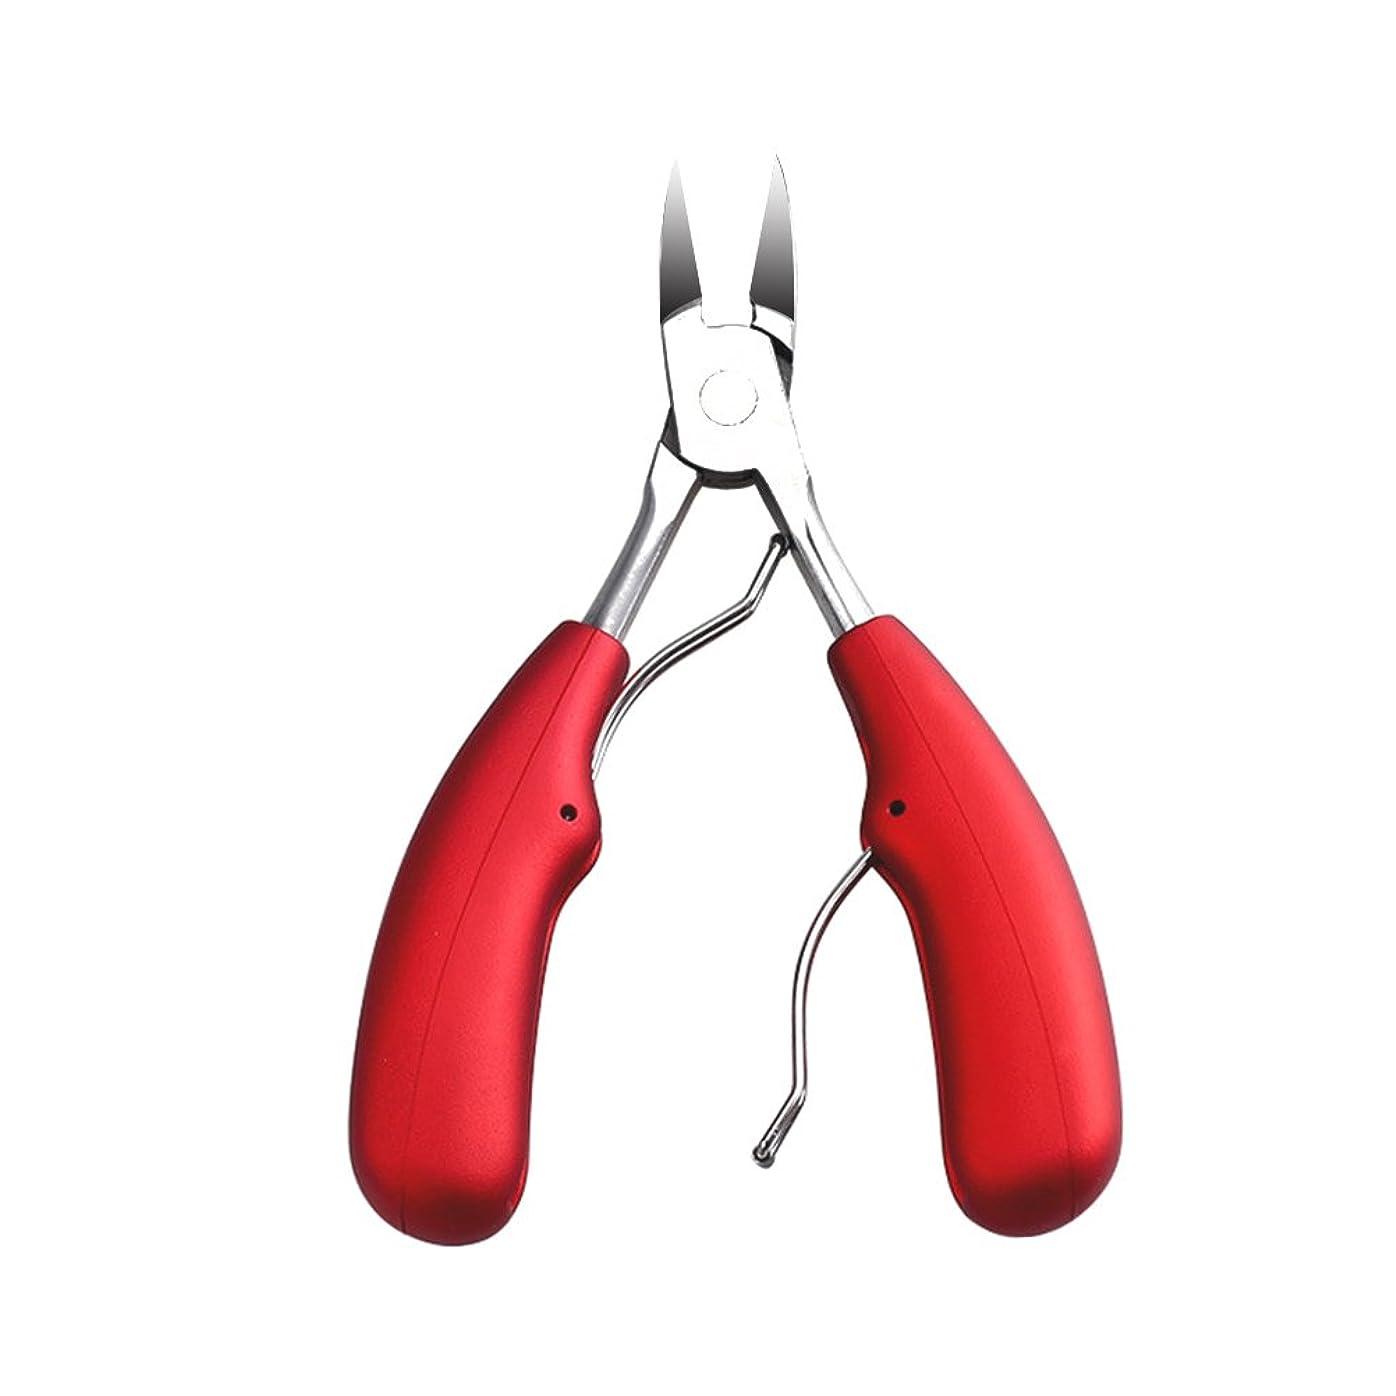 銃再生可能テクスチャーBESTOMZ 爪切りニッパー 巻き爪 変形爪対策 ネイルニッパー 切れ味が良い ネイル介護用品(赤)